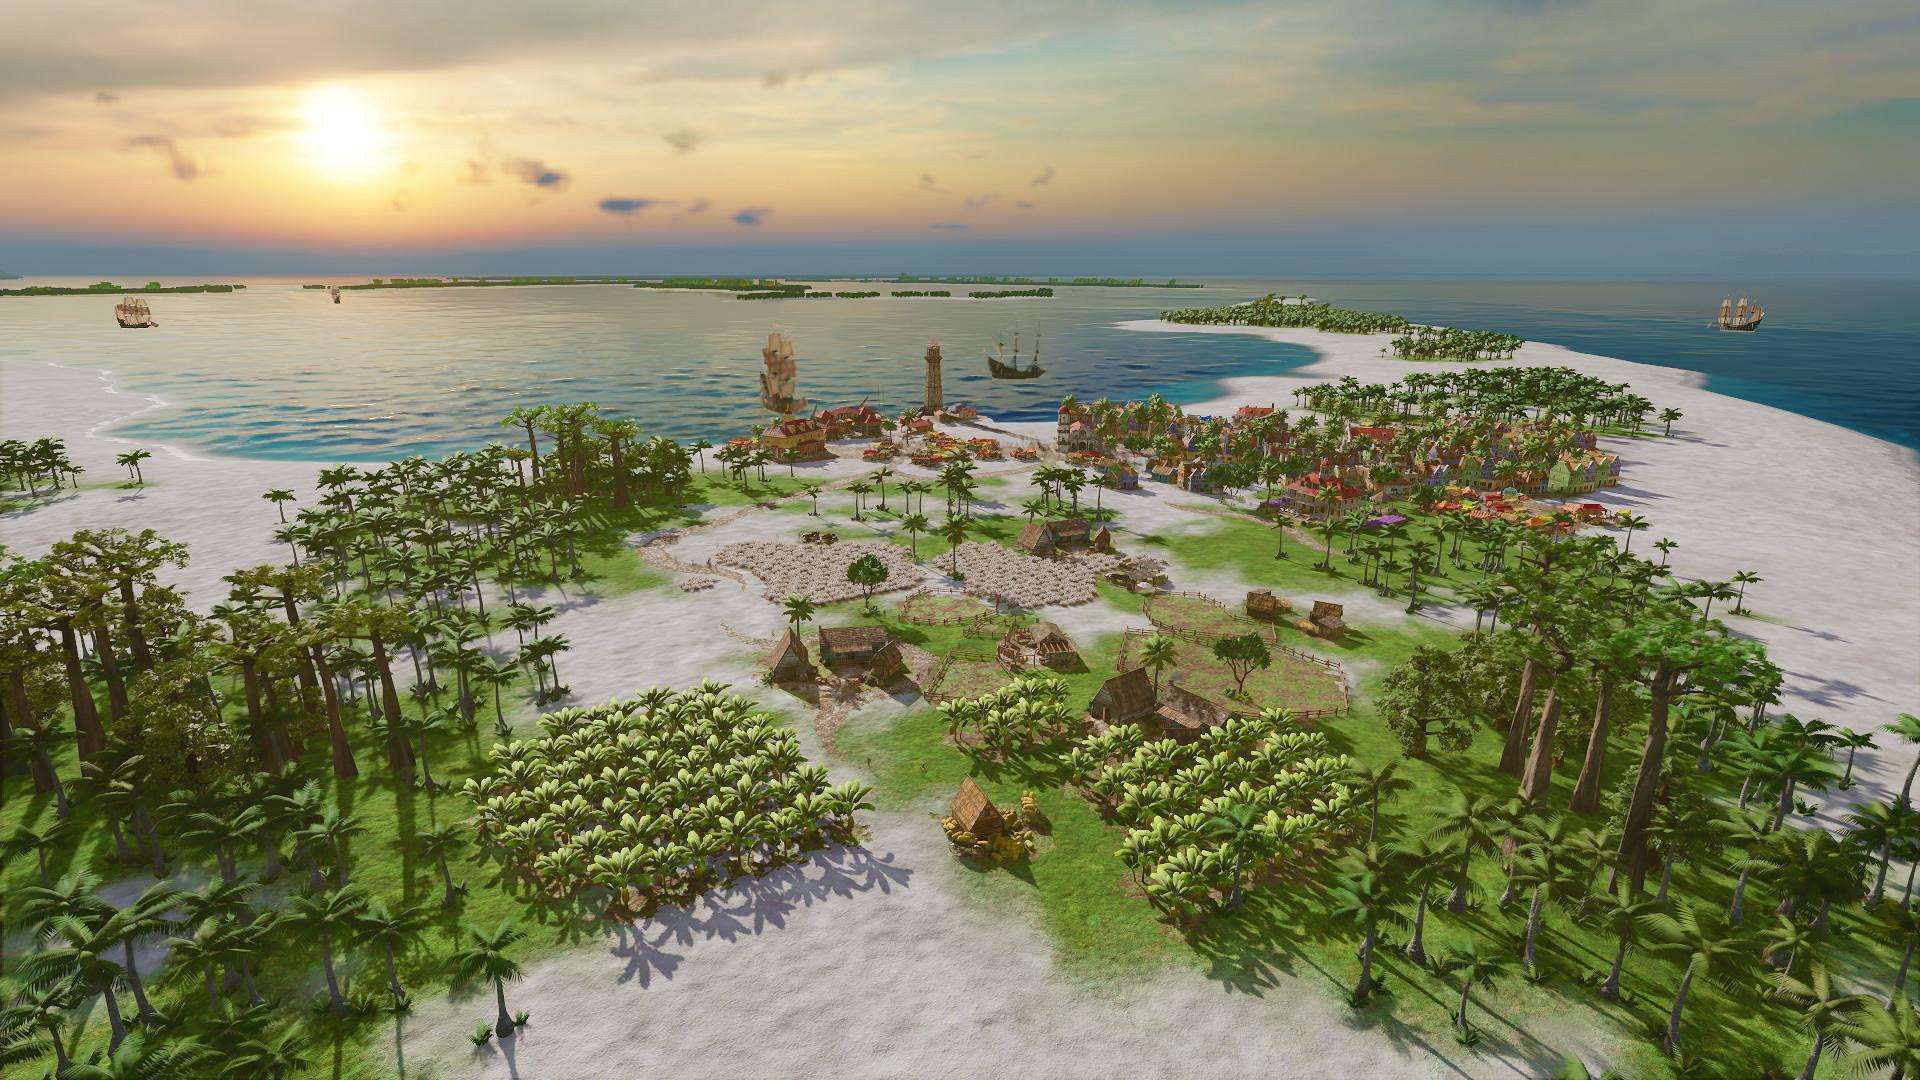 《海商王4》发售日公布 PC版BETA封测现已开始